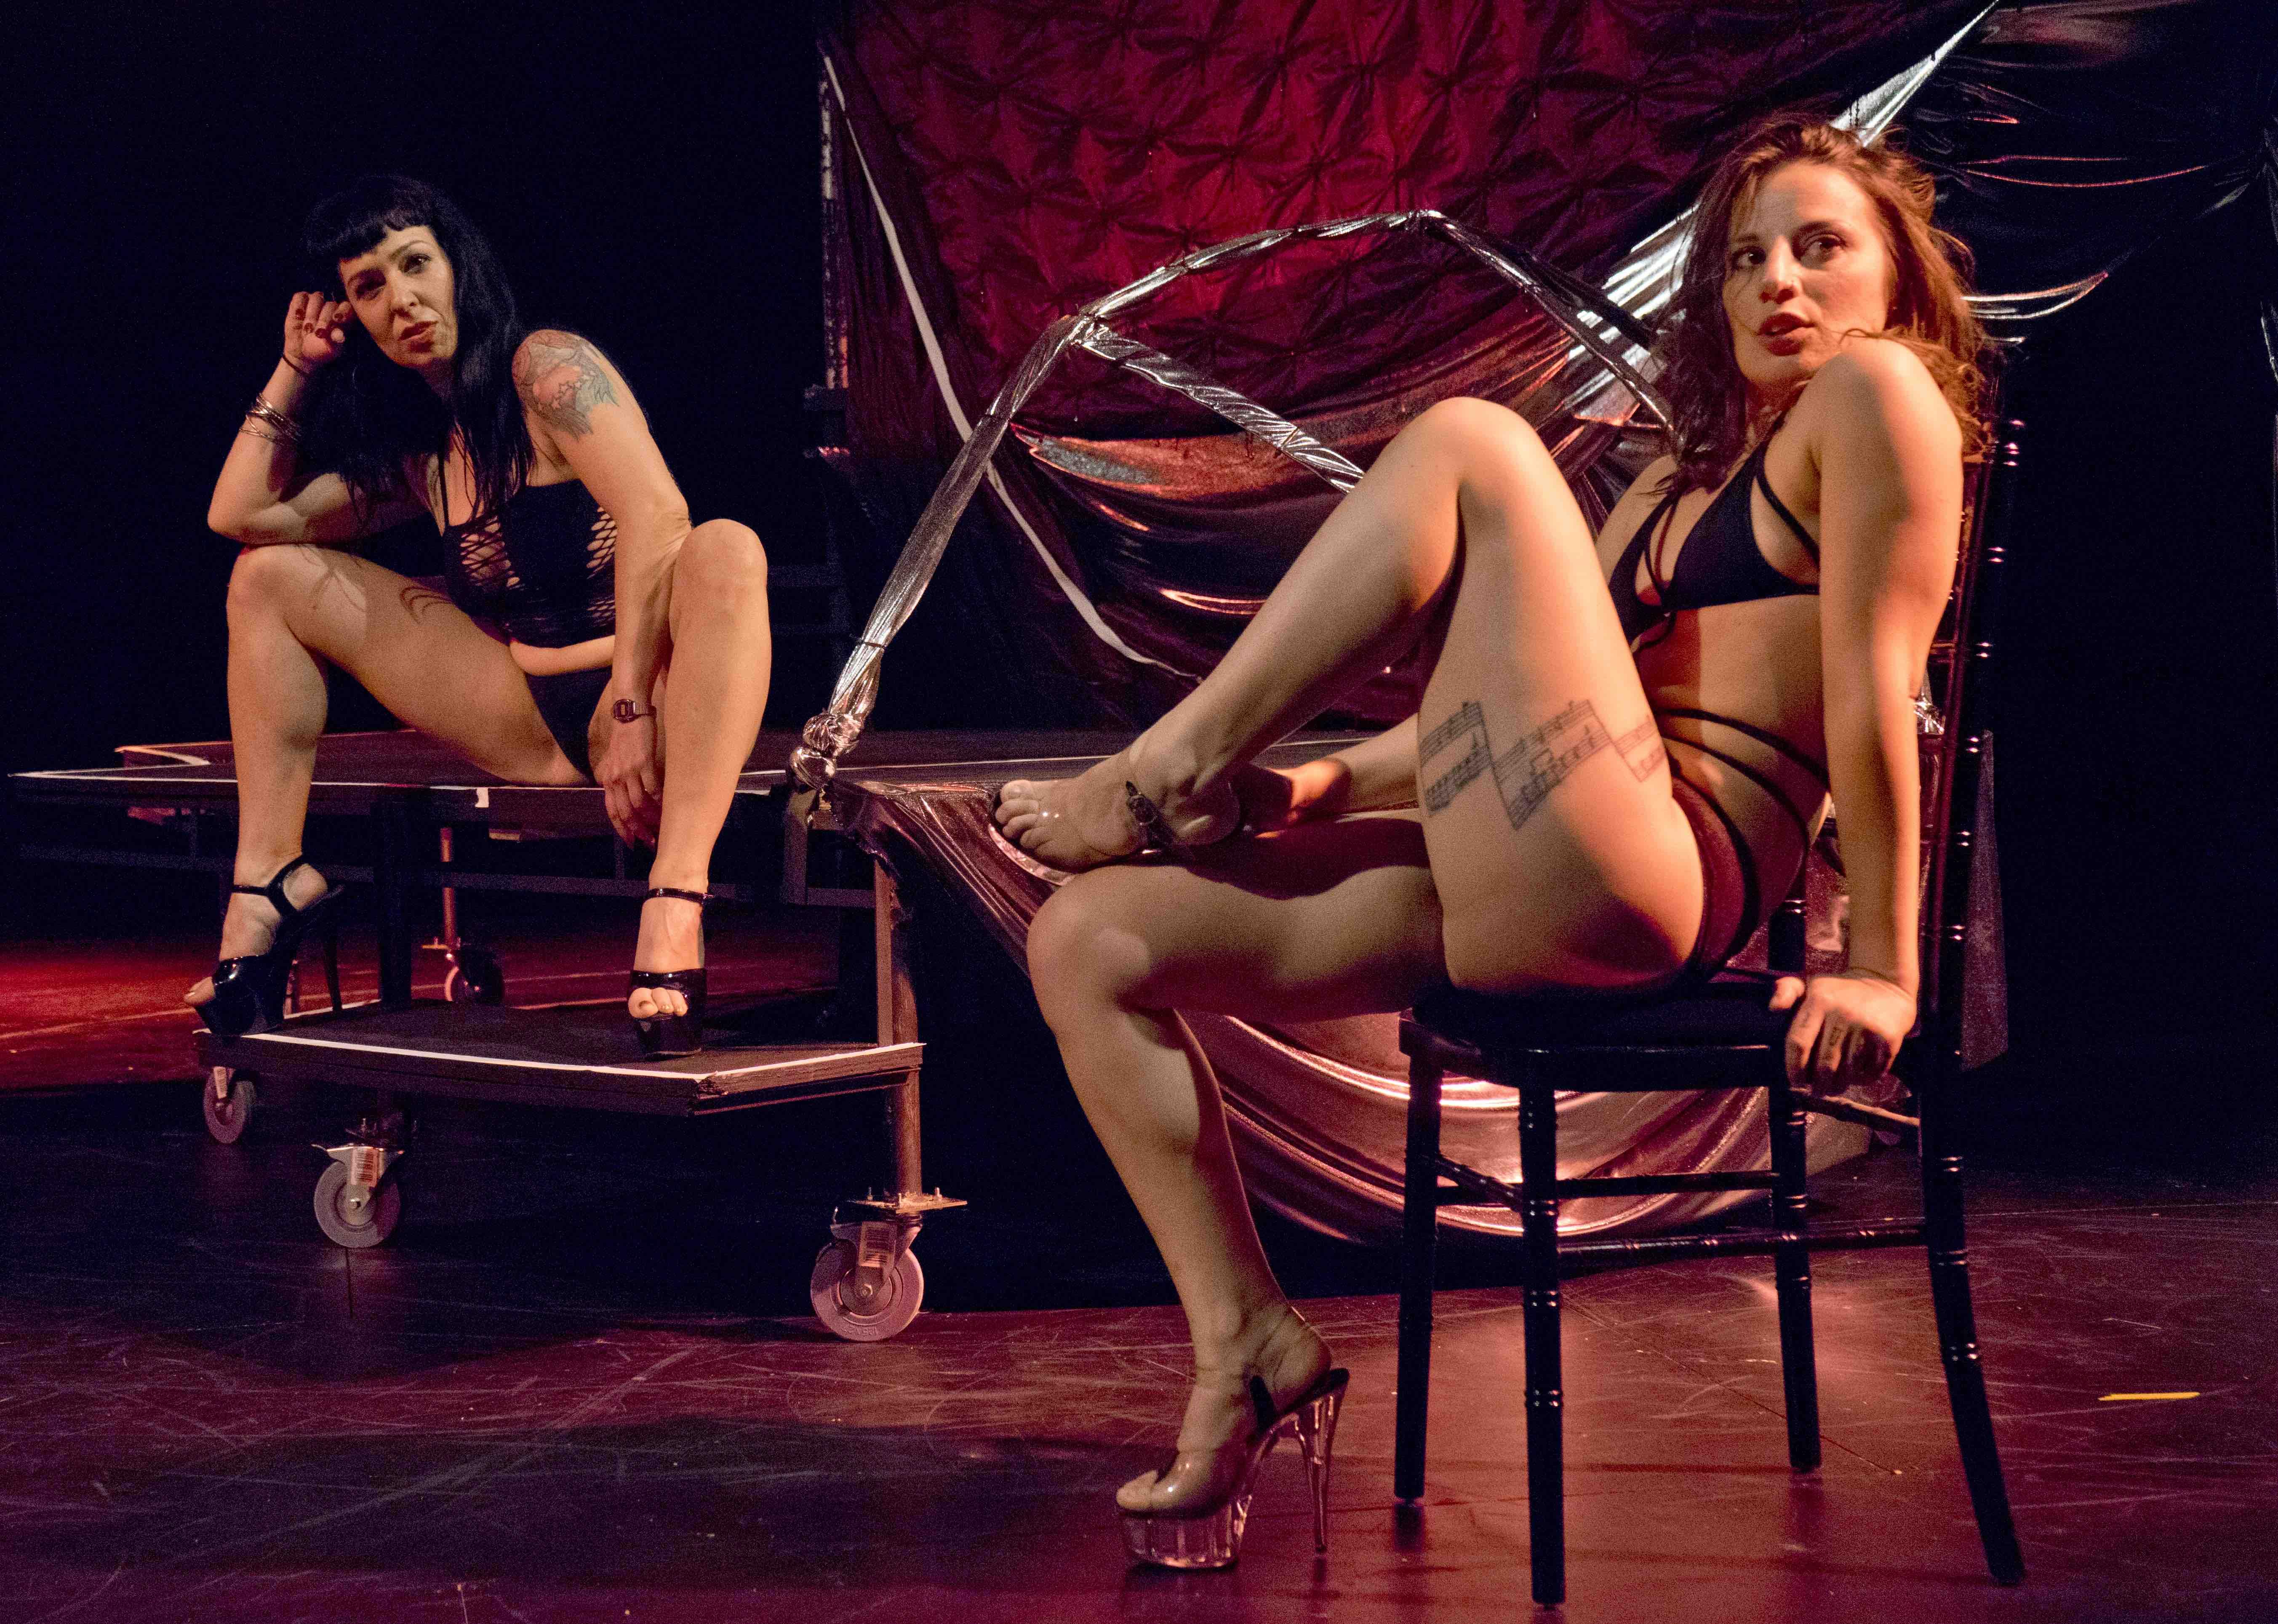 Порно Видео Опера Мини